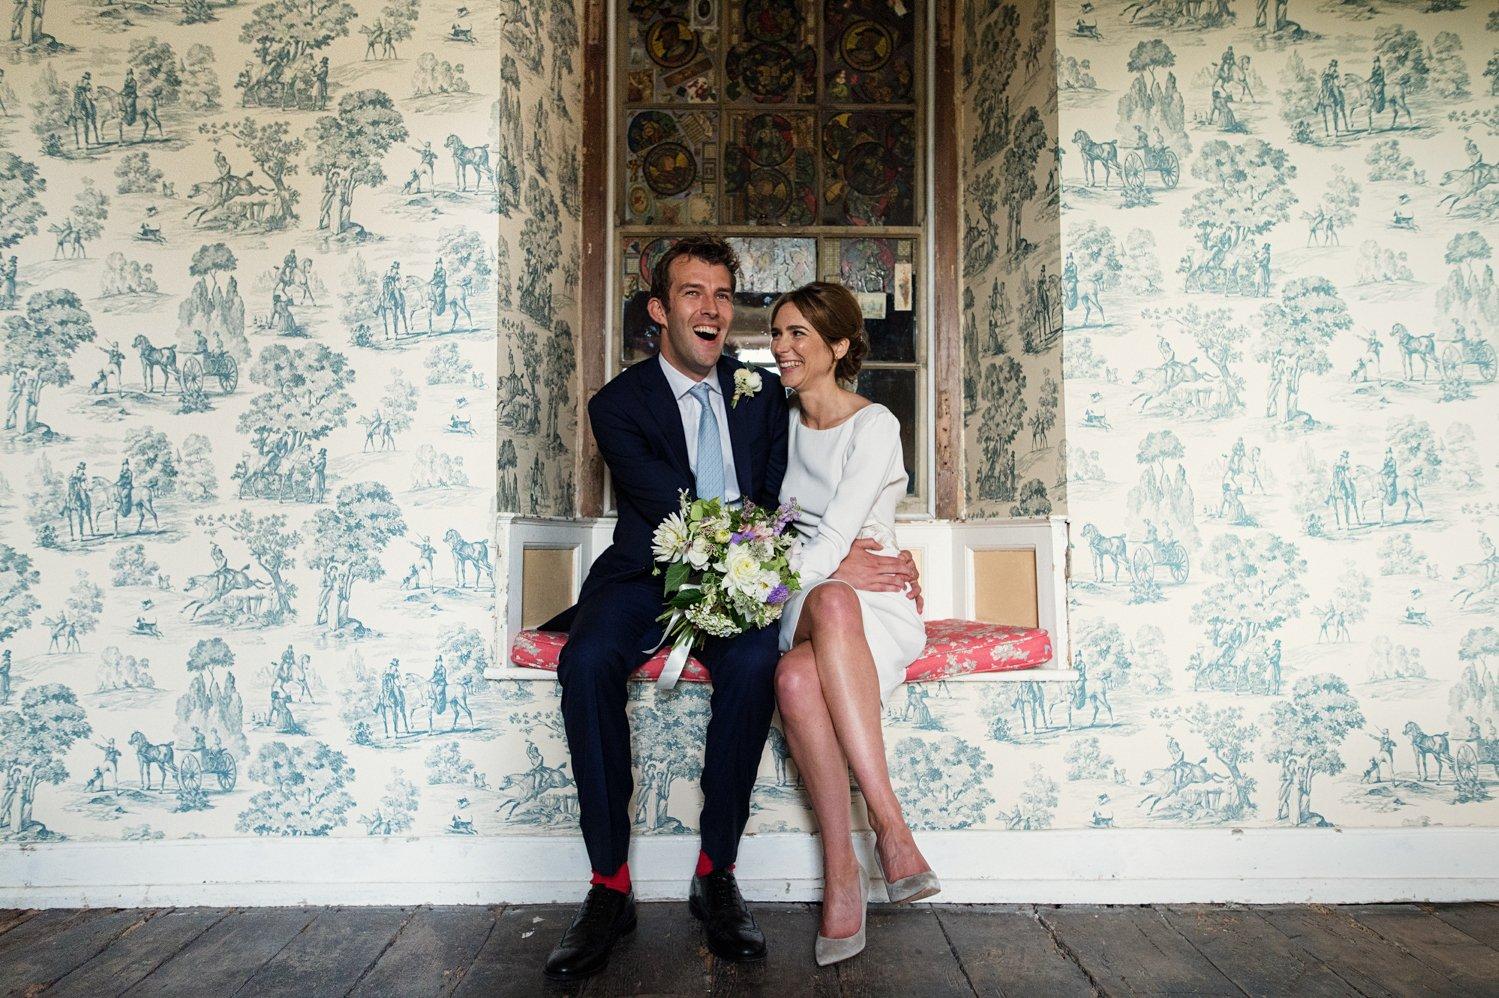 Fun wedding portrait Hauser Wirth Babb Photo